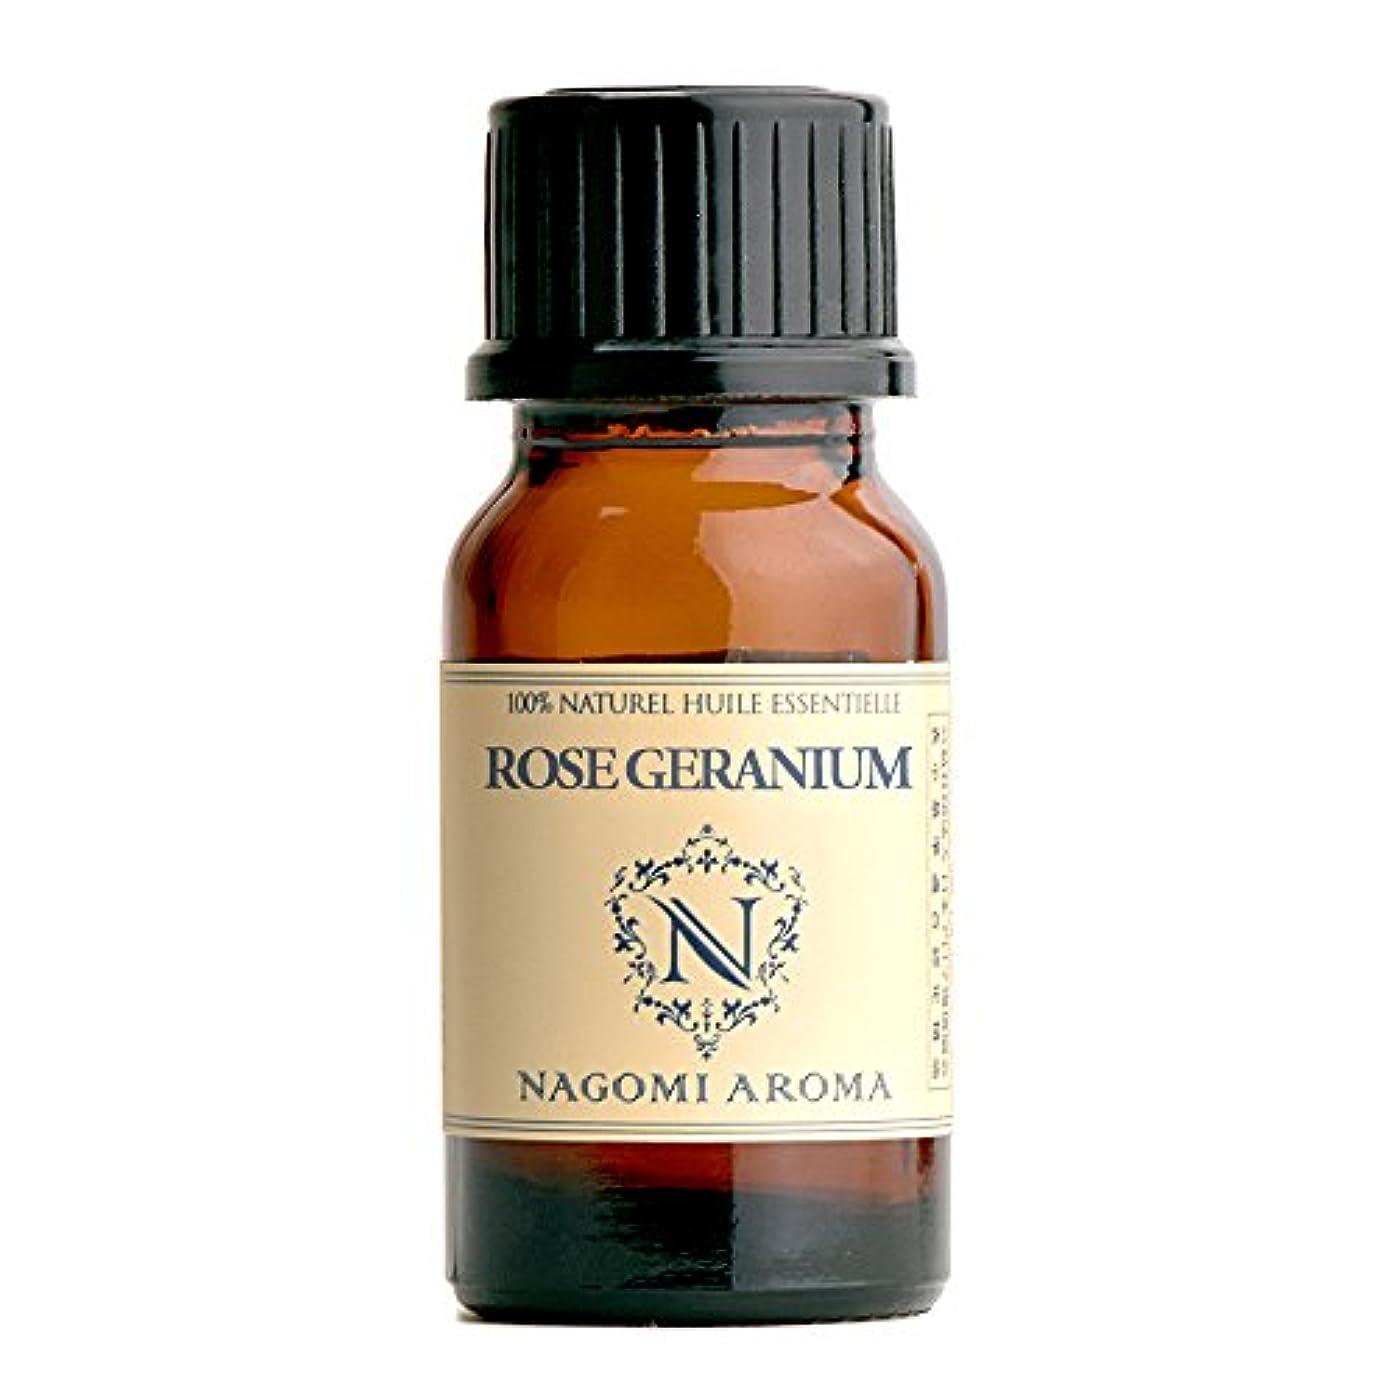 前提条件計画的形状NAGOMI AROMA ローズゼラニウム 10ml 【AEAJ認定精油】【アロマオイル】